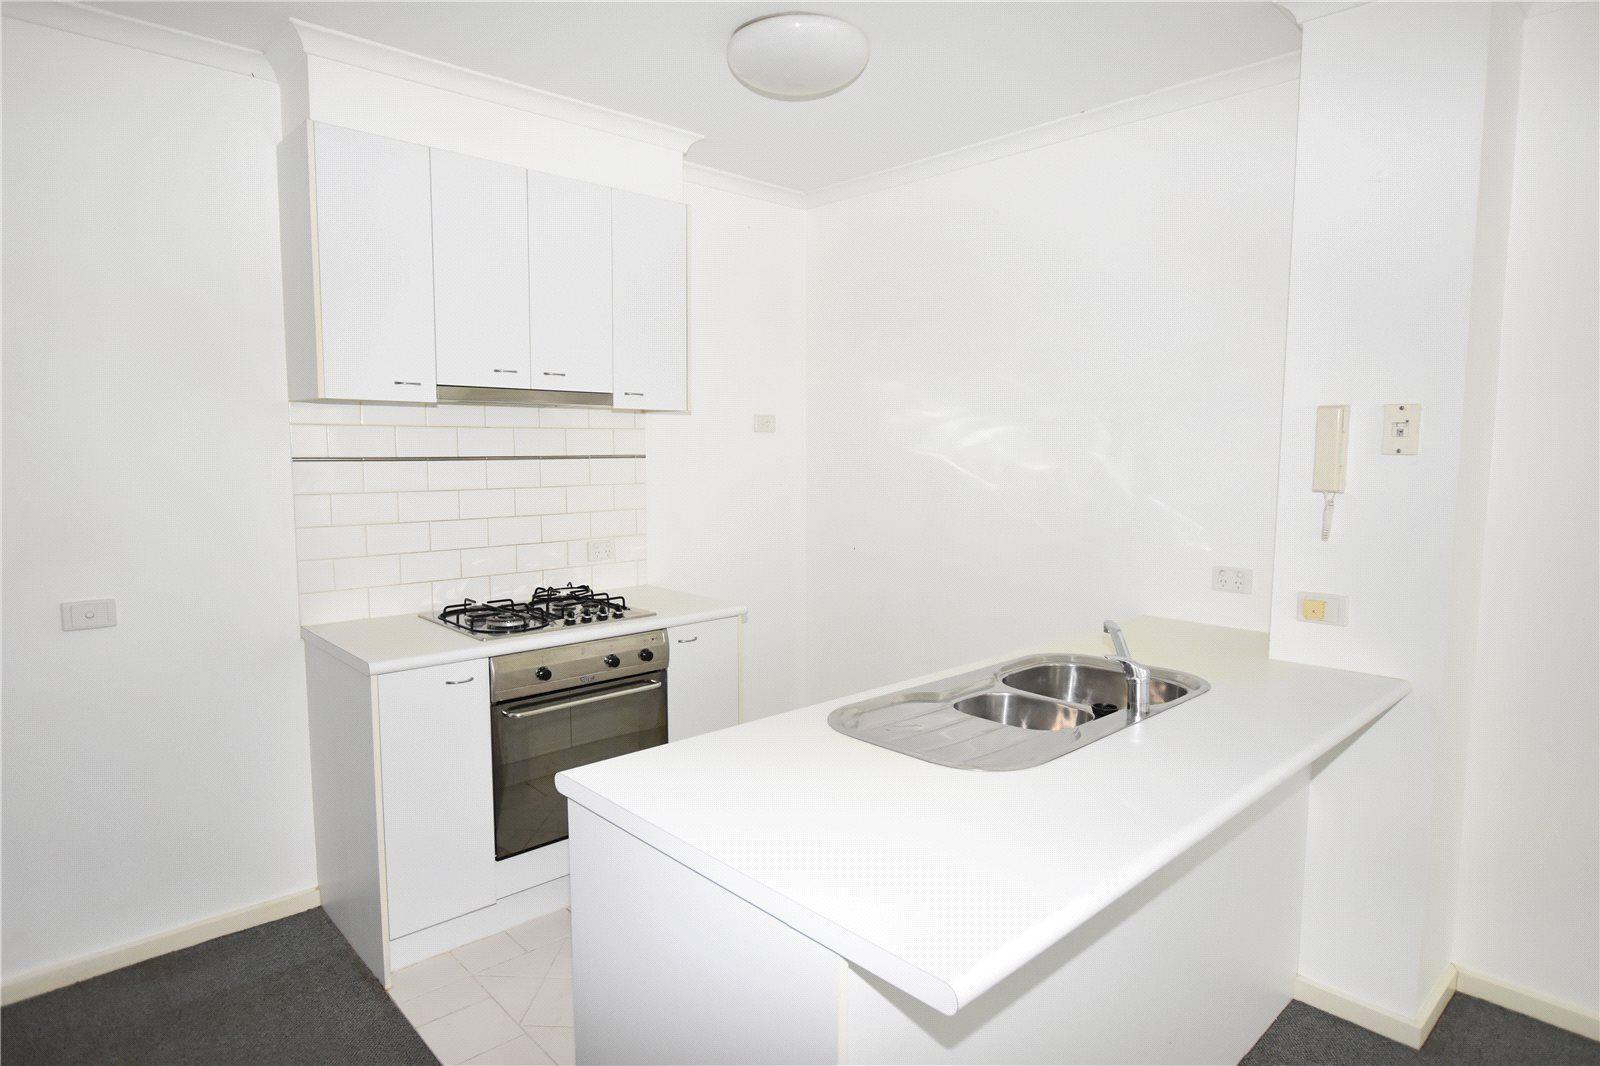 16/39 Dorcas Street, South Melbourne VIC 3205, Image 0